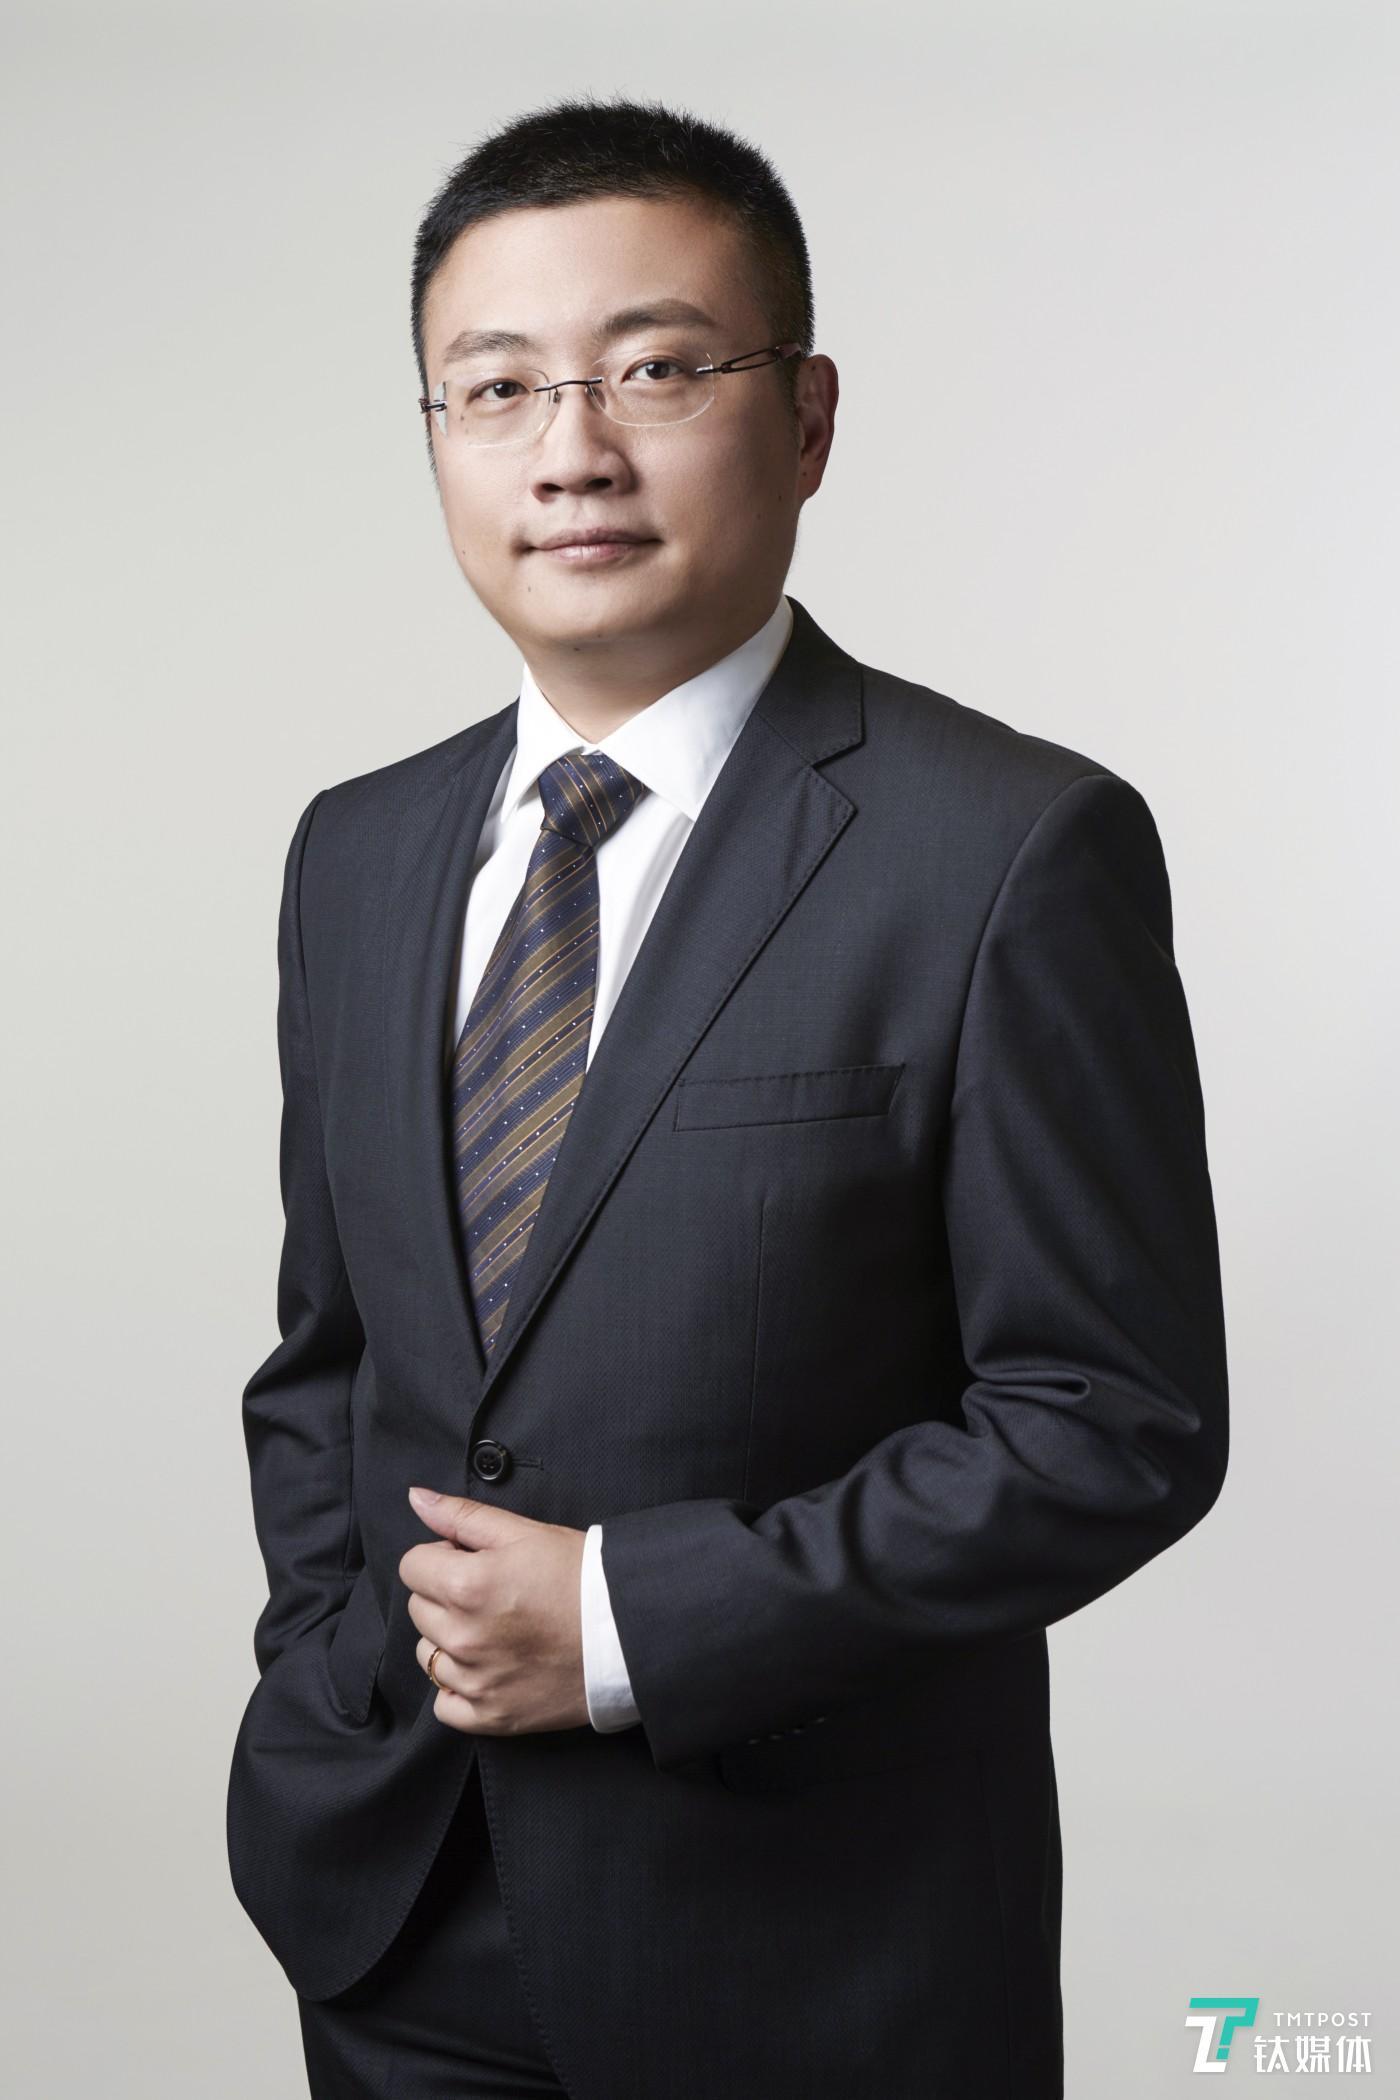 联想创投董事总经理王光熙